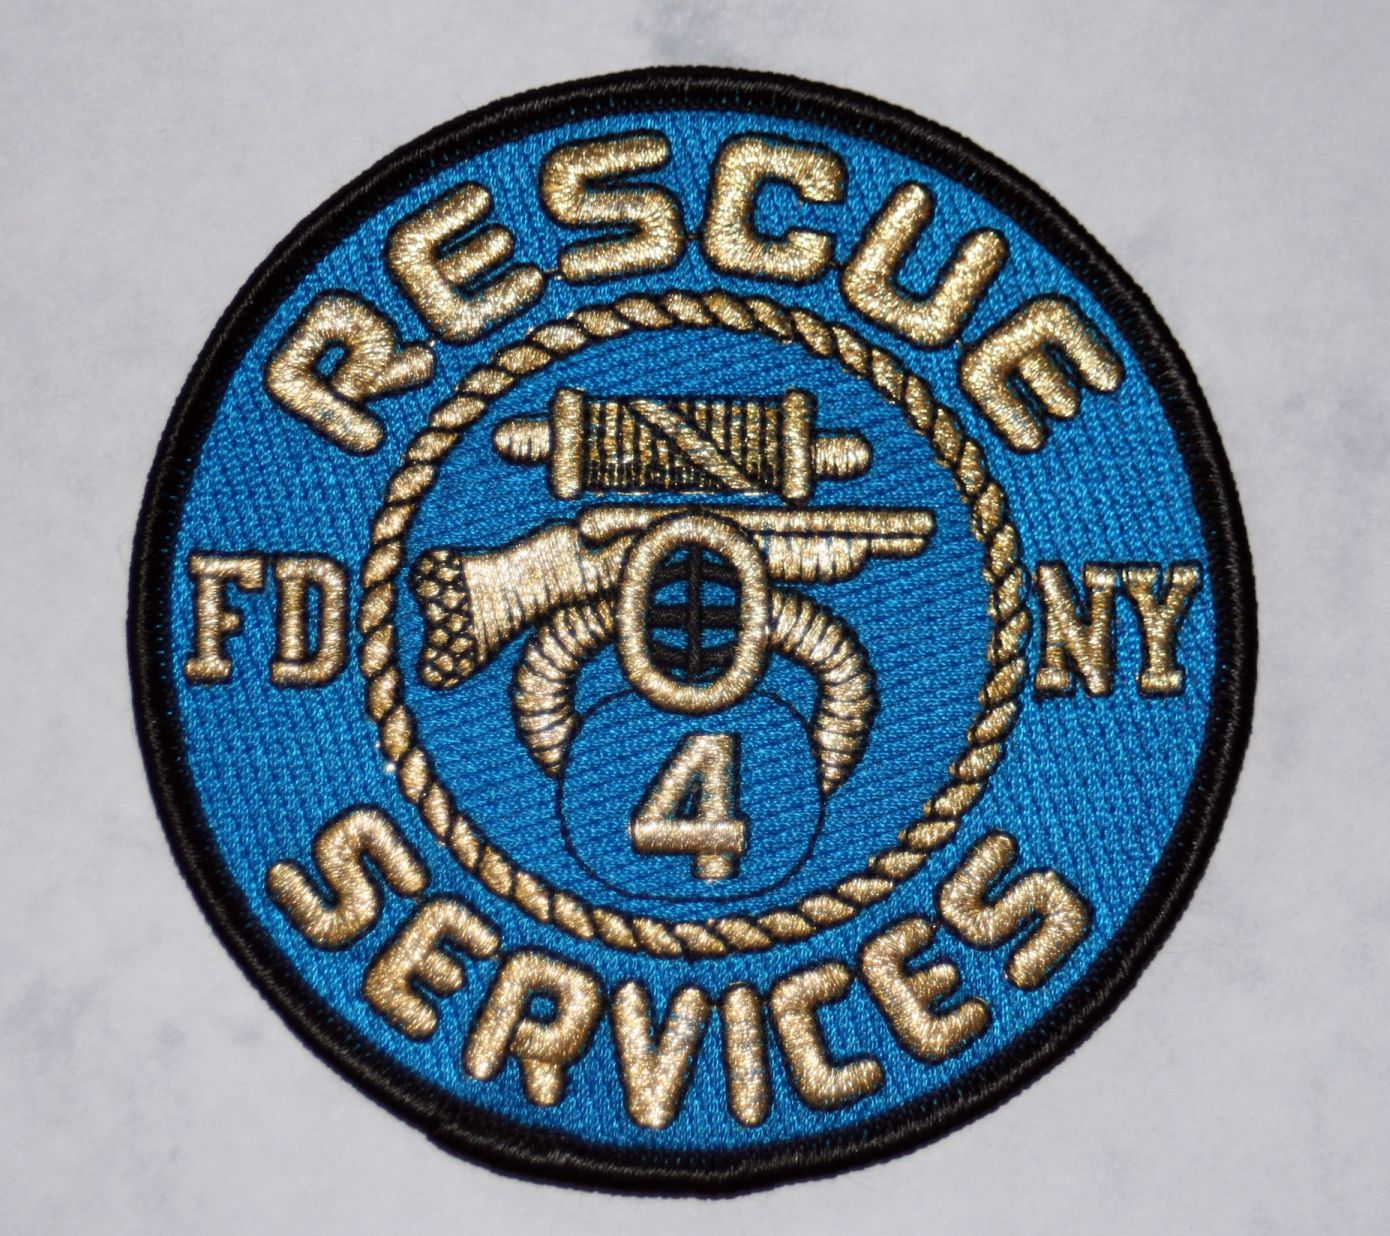 Rescue 4